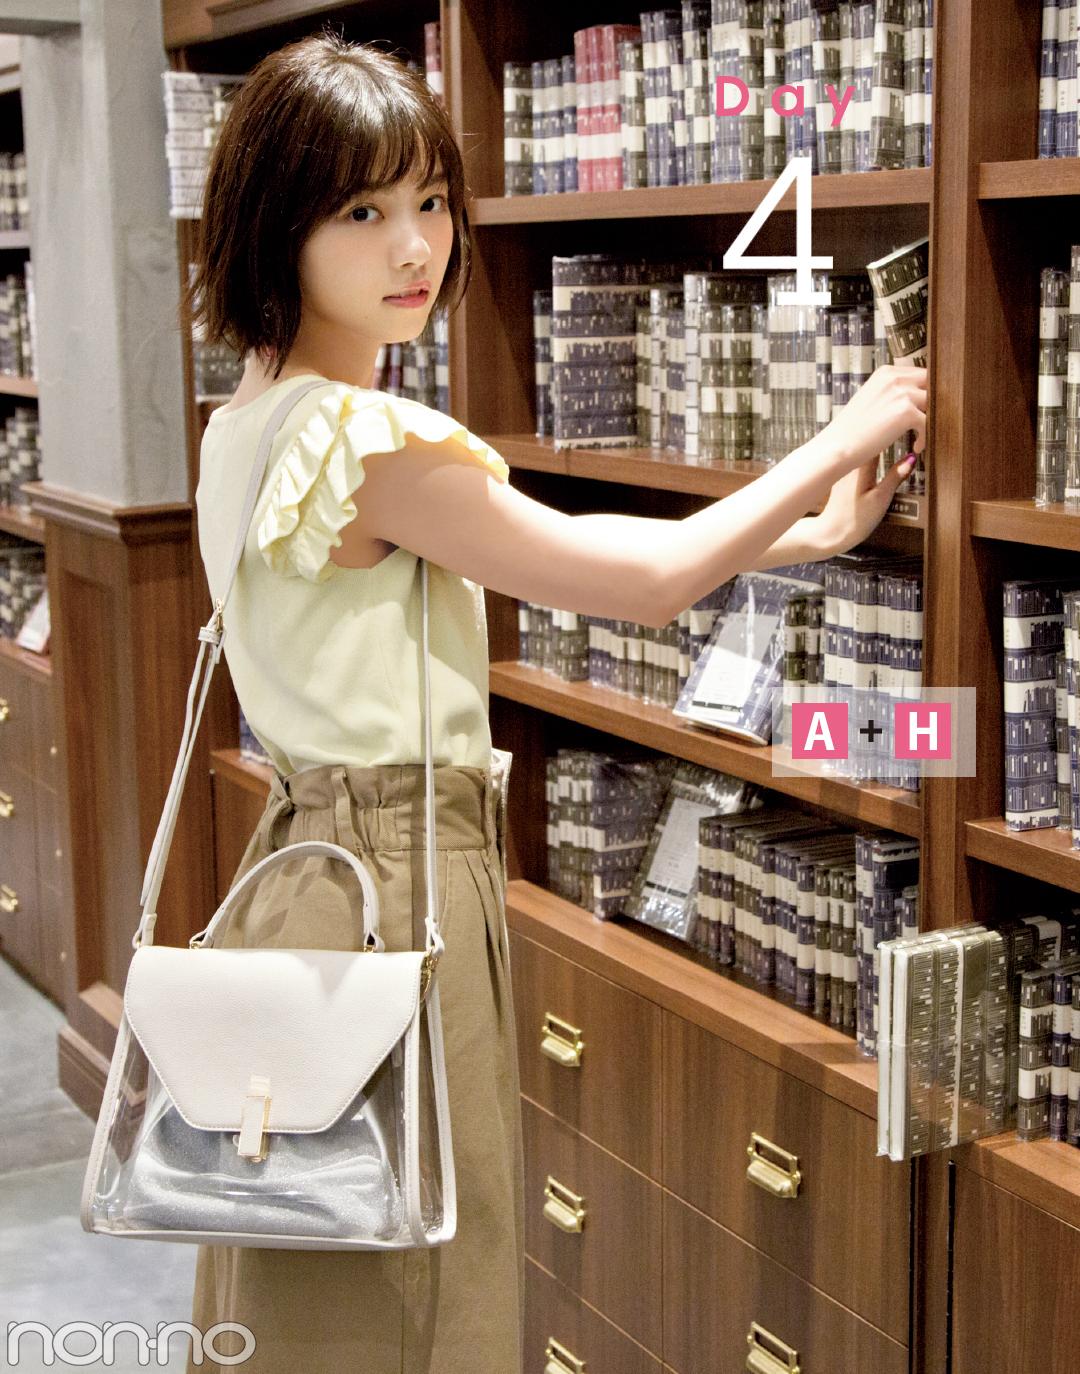 西野七瀬主演♡「4月の甘め服に5月の買い足し」でおしゃれ度アップ着回し5days!_2_2-3